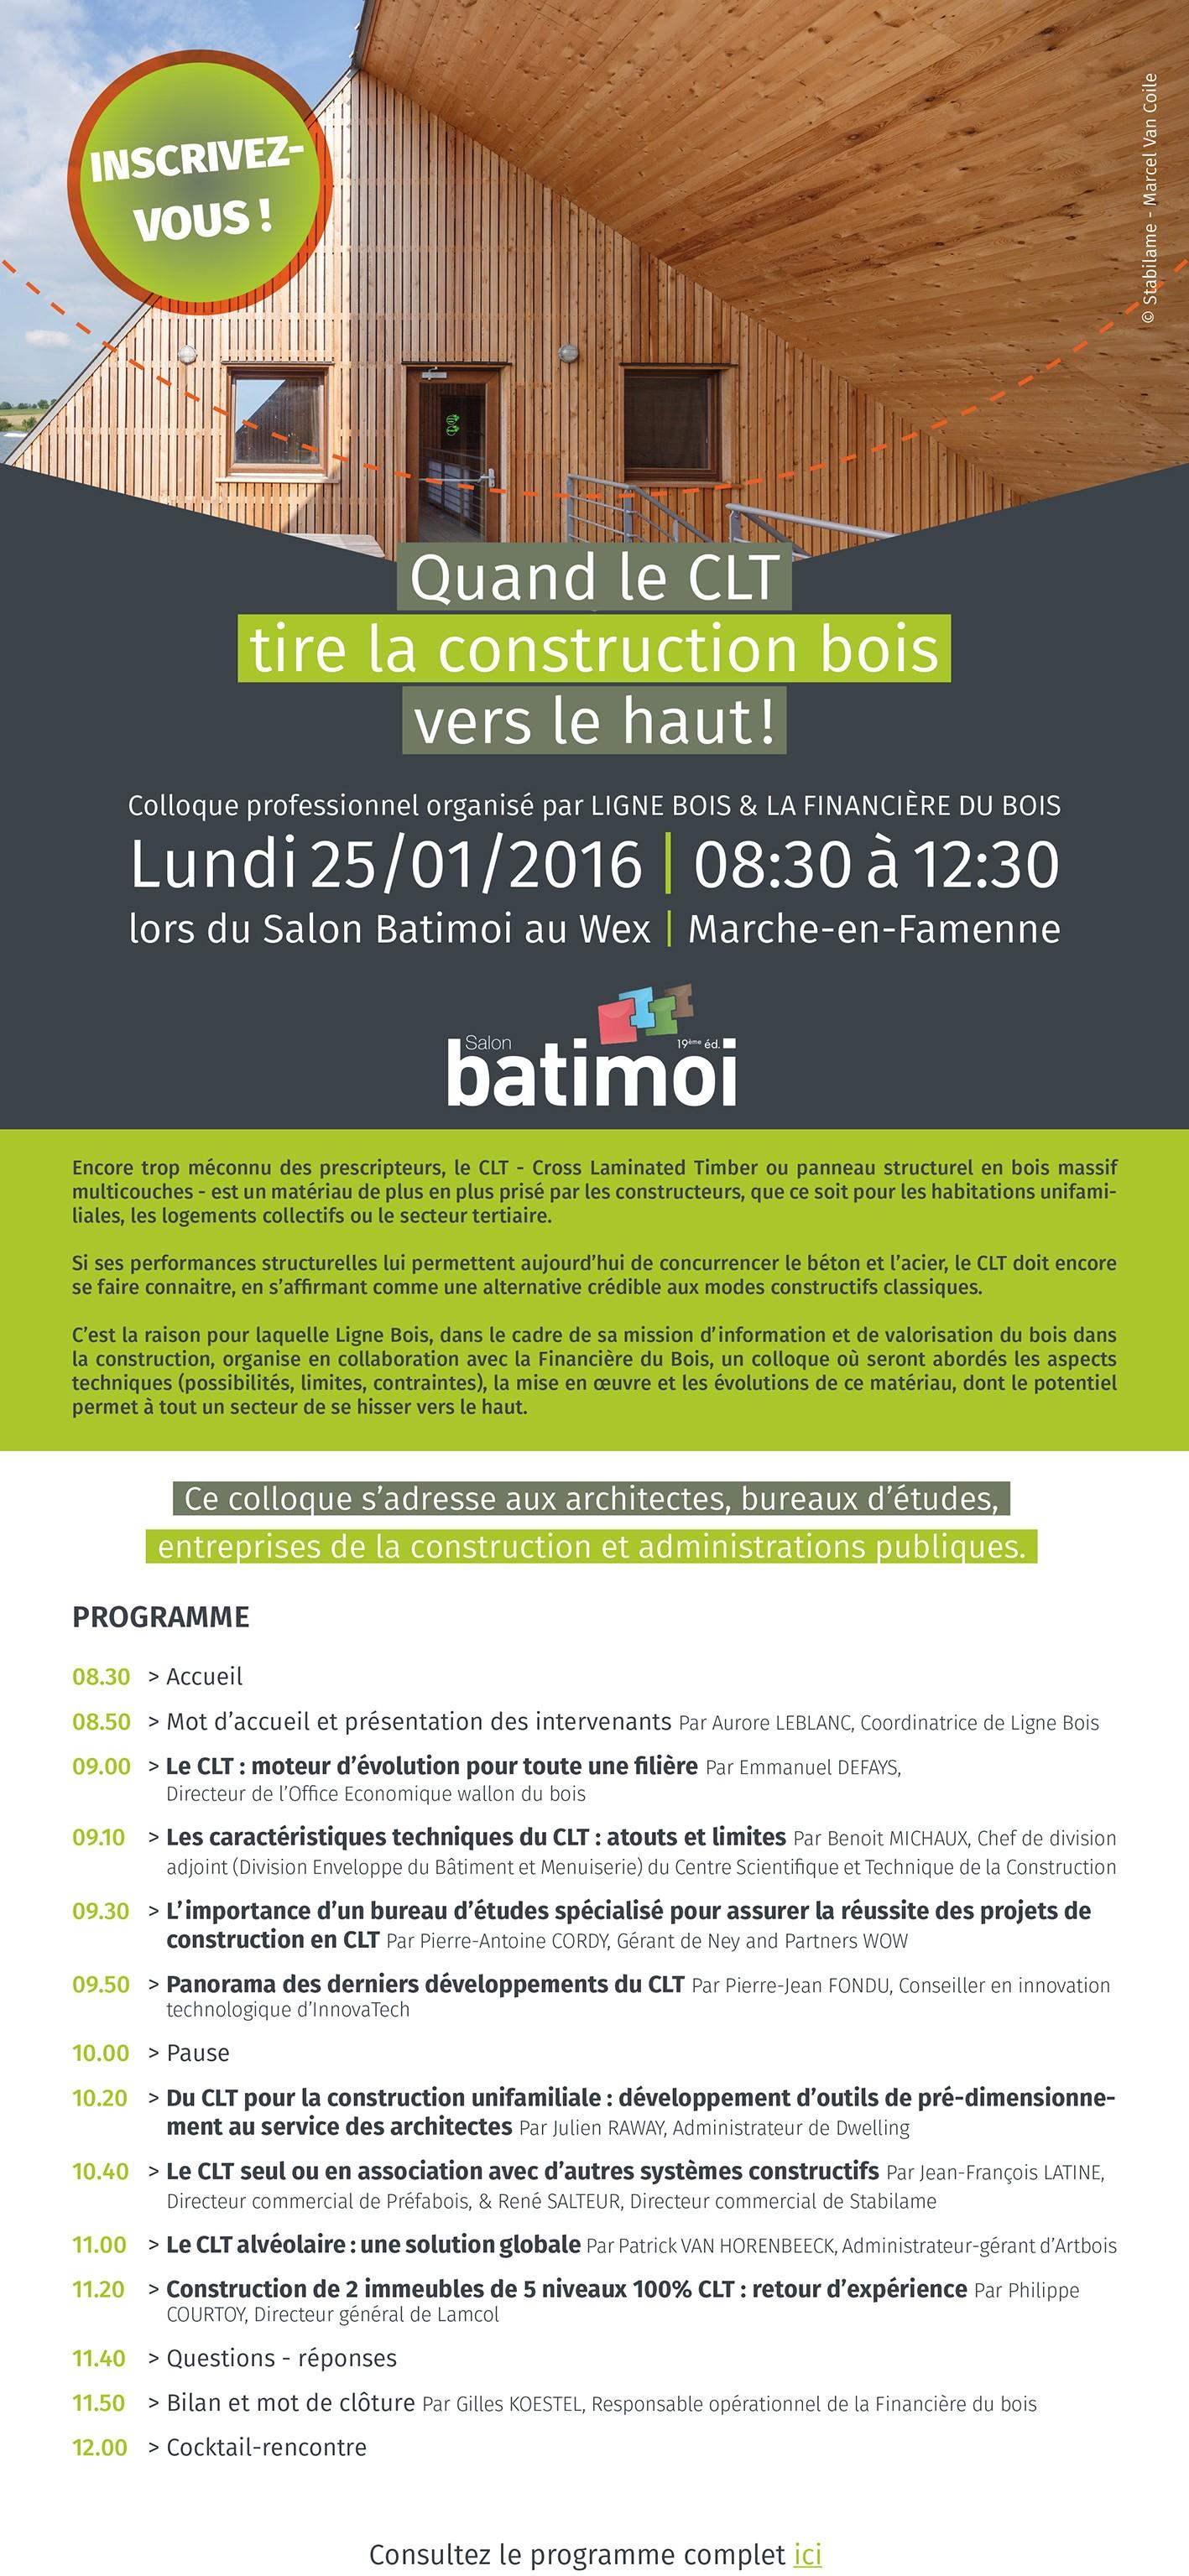 batimoi-clt-ingenieur-bois-ossature-bureau-etudes-stabilite